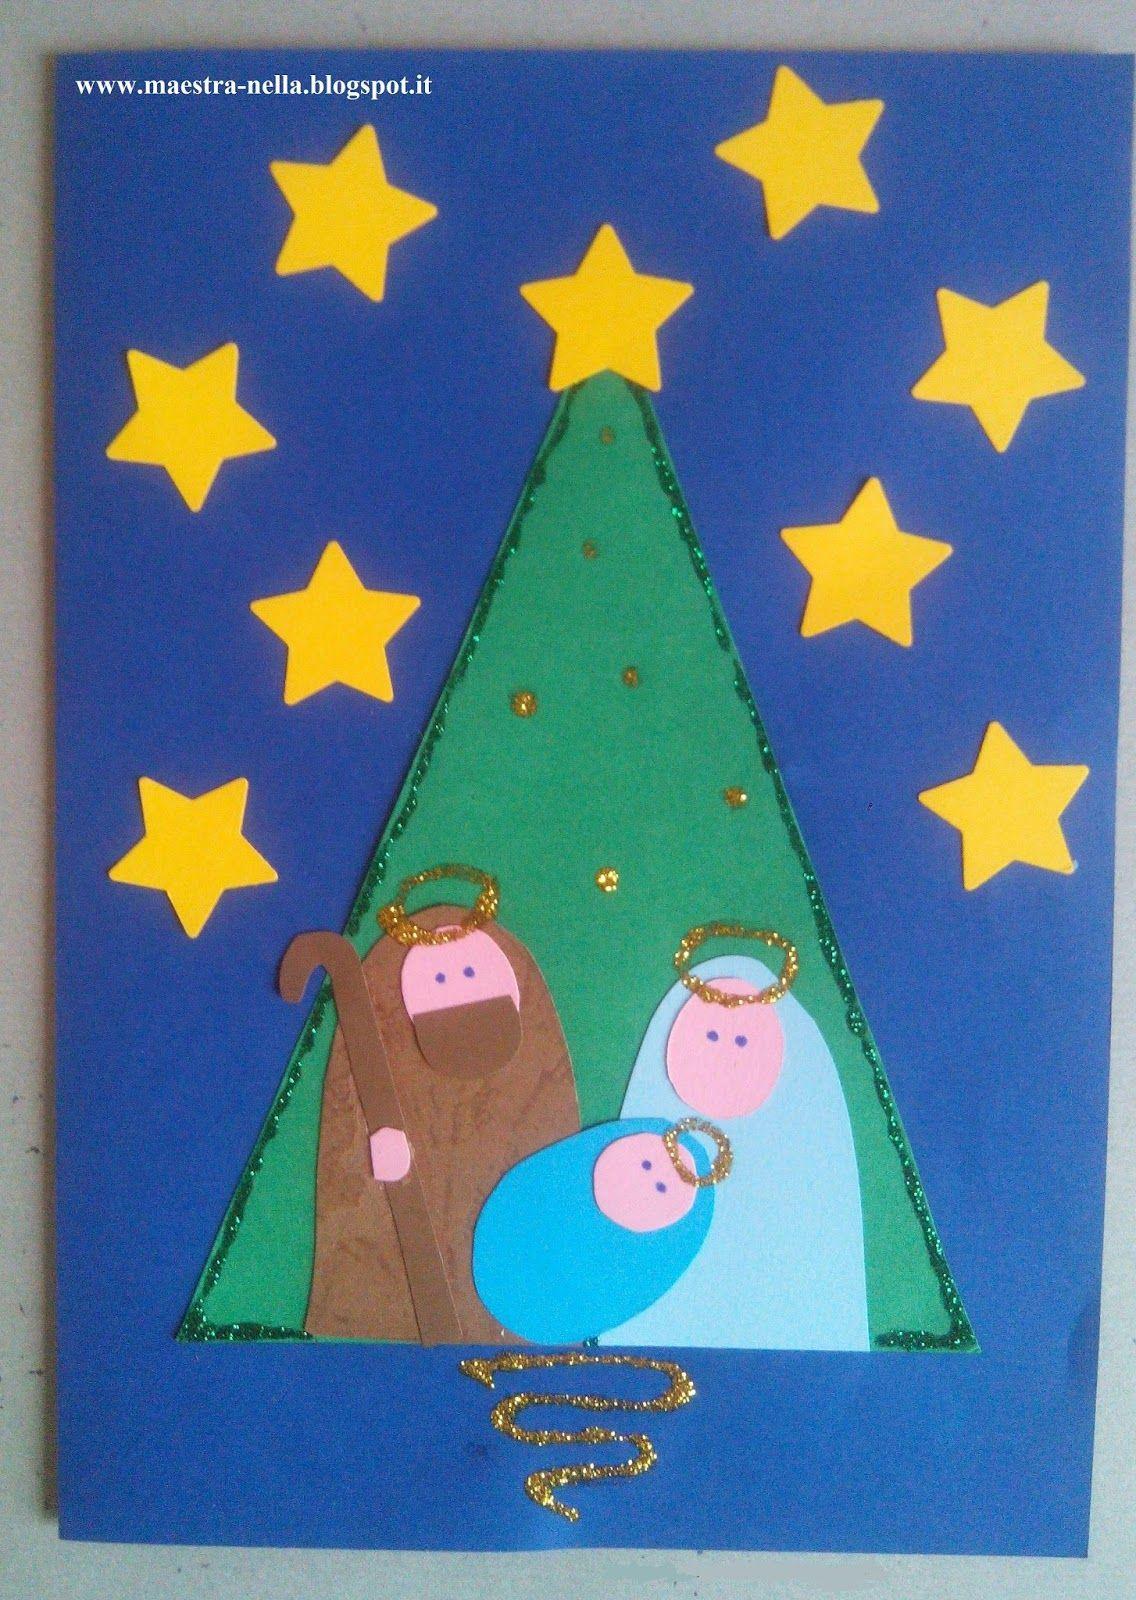 Disegni Di Natale E Lavoretti.Disegni Idee E Lavoretti Per La Scuola Dell Infanzia E Non Solo